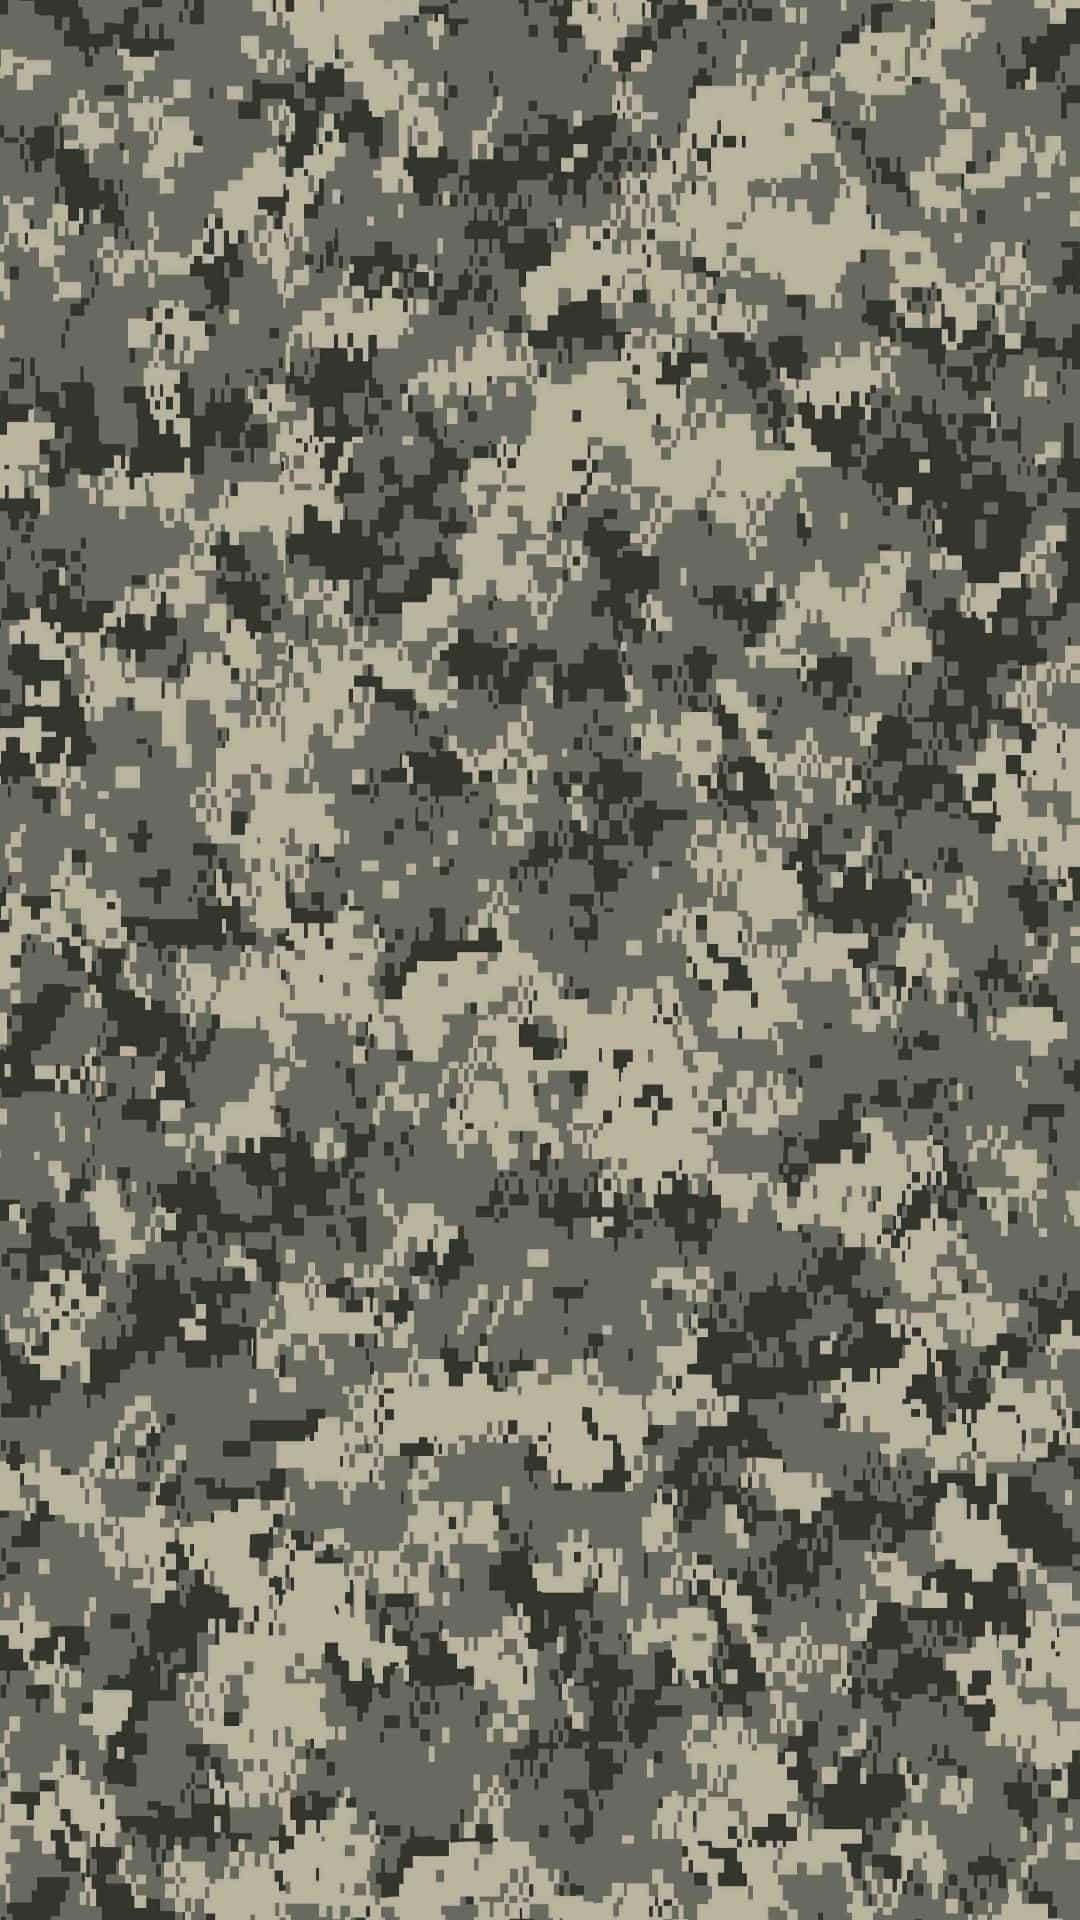 https://wallpaperformobile.org/14200/digital-camouflage-wallpaper.